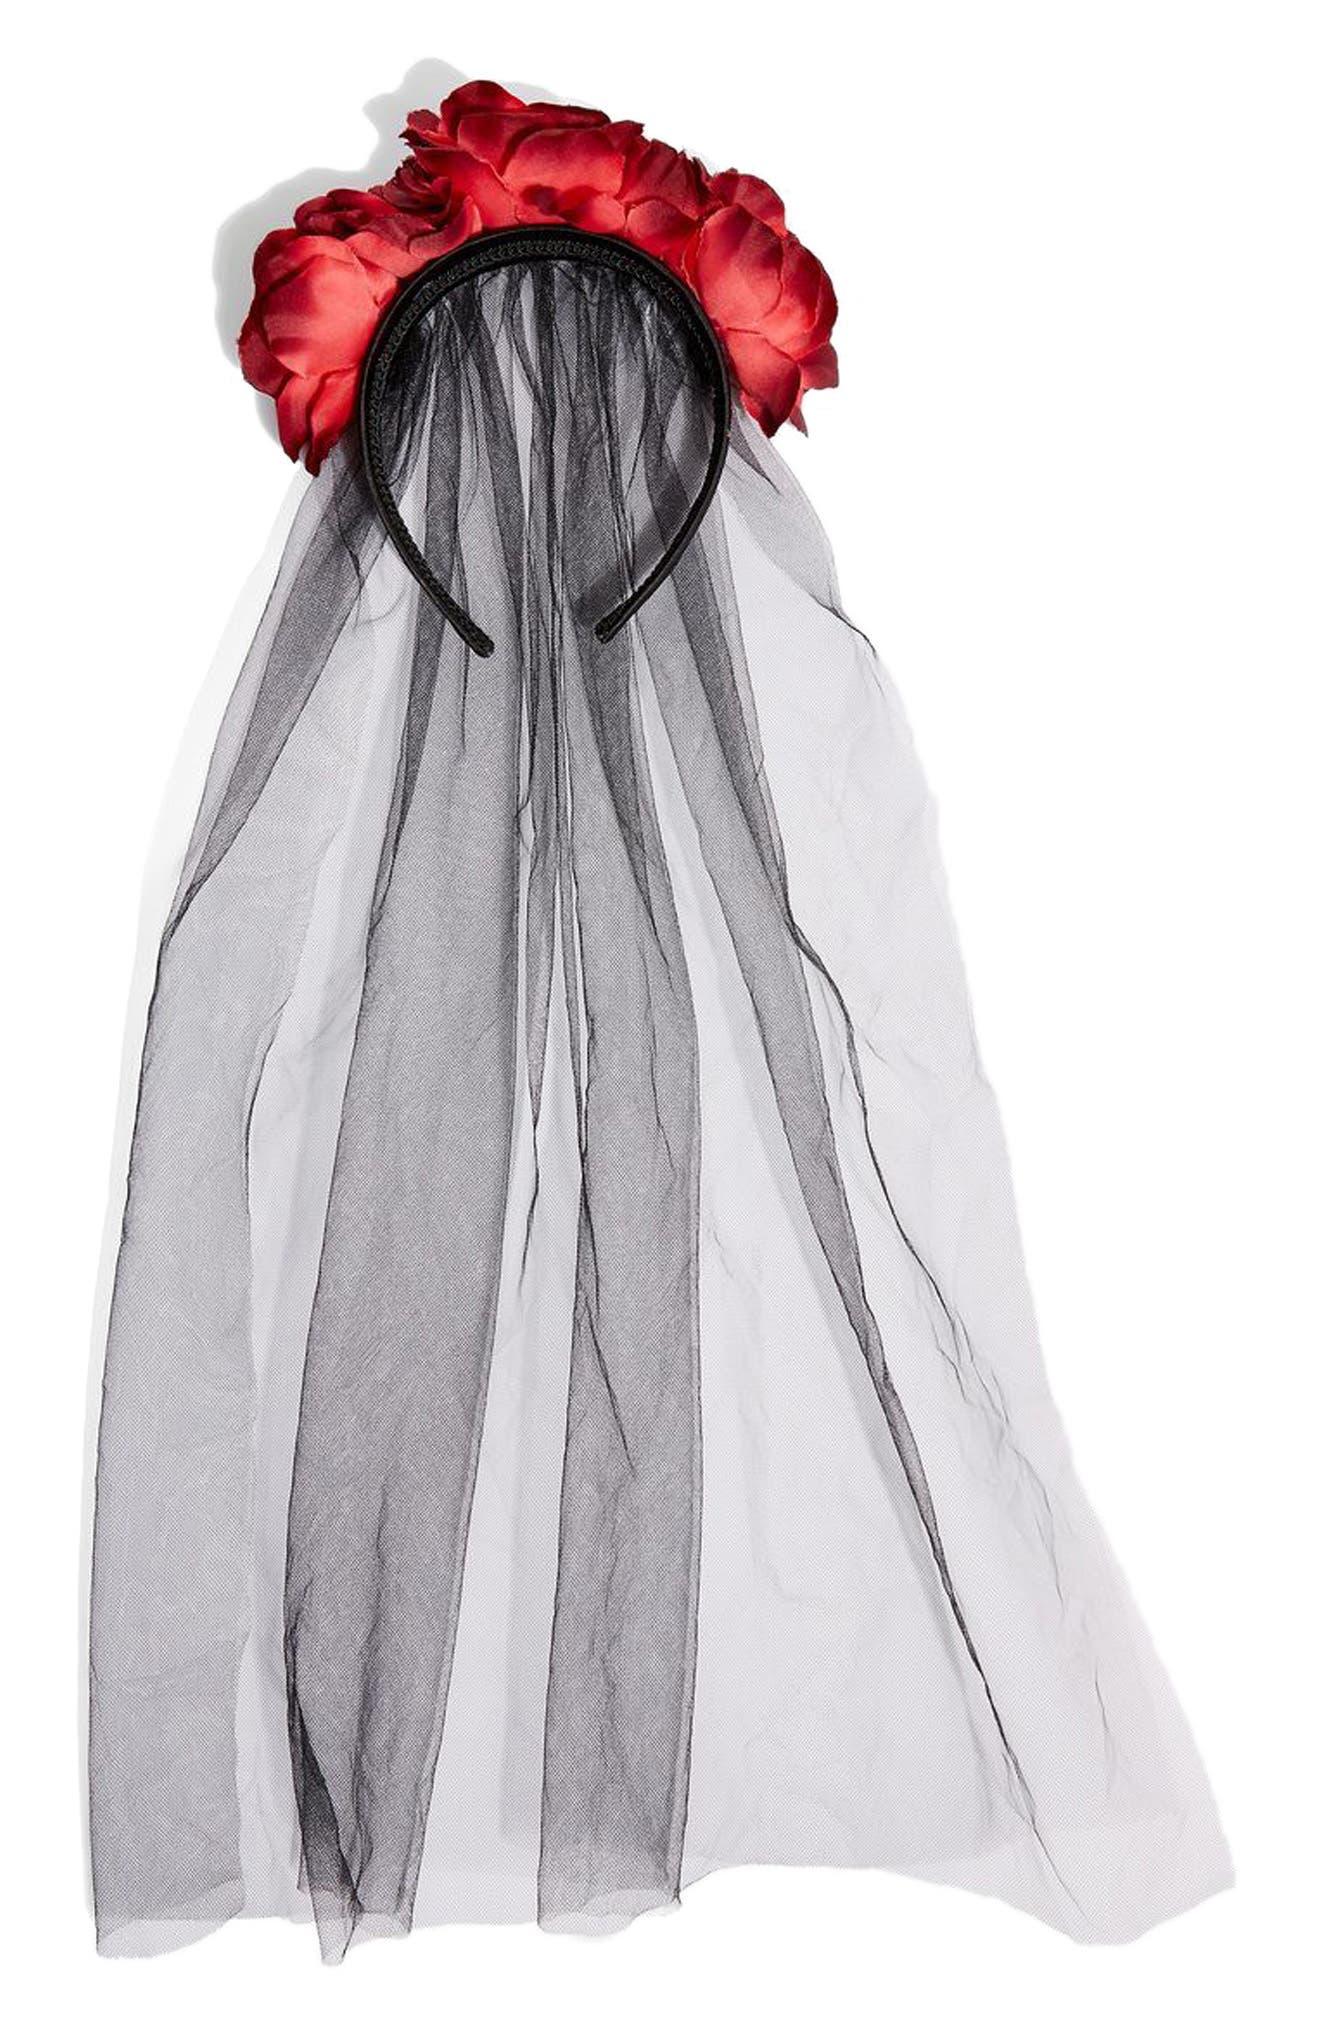 Topshop Halloween Flower Veil Headband